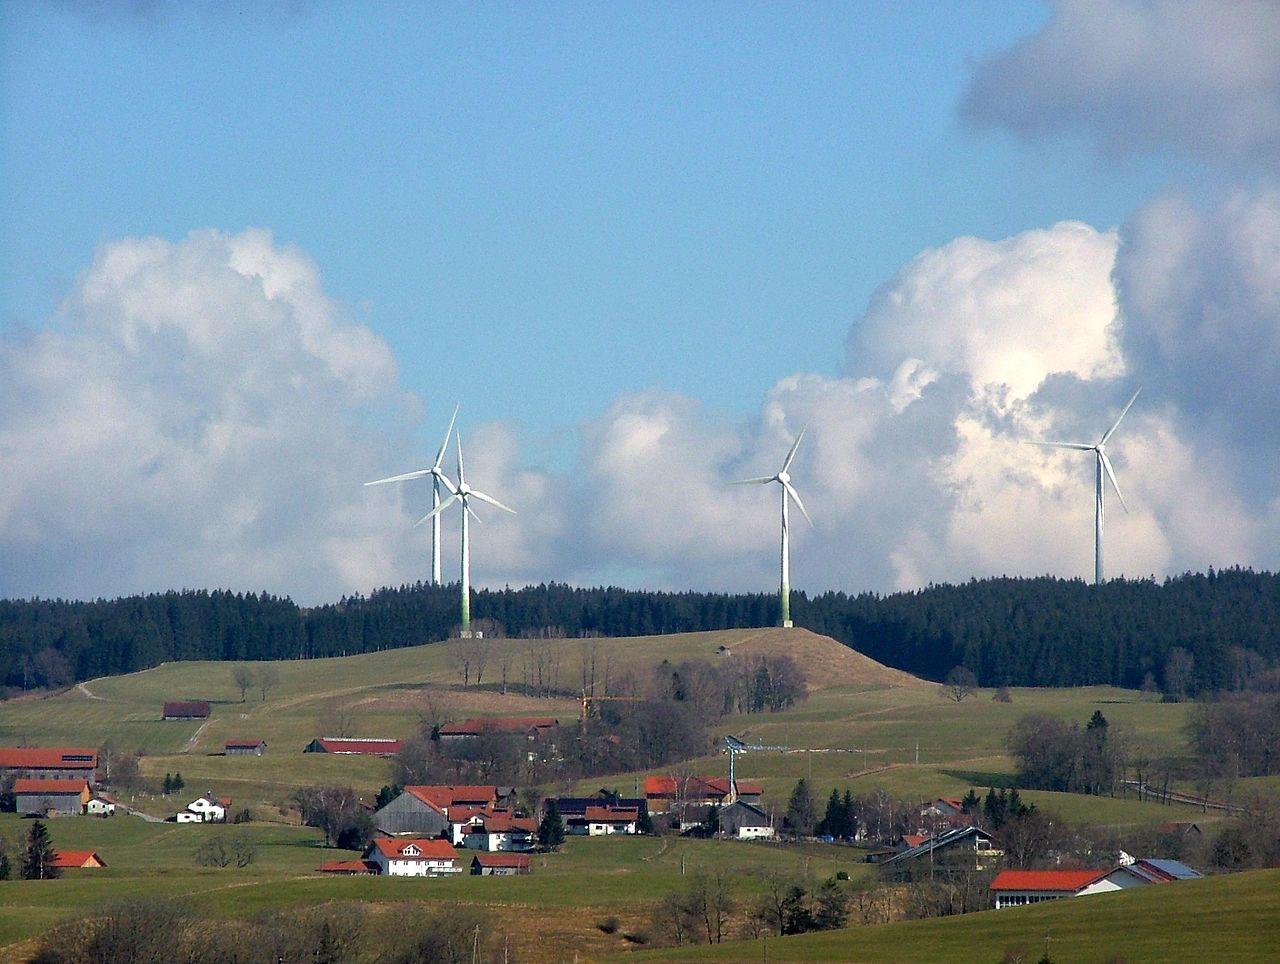 Vilã alemã gera 500% mais energia do que precisa